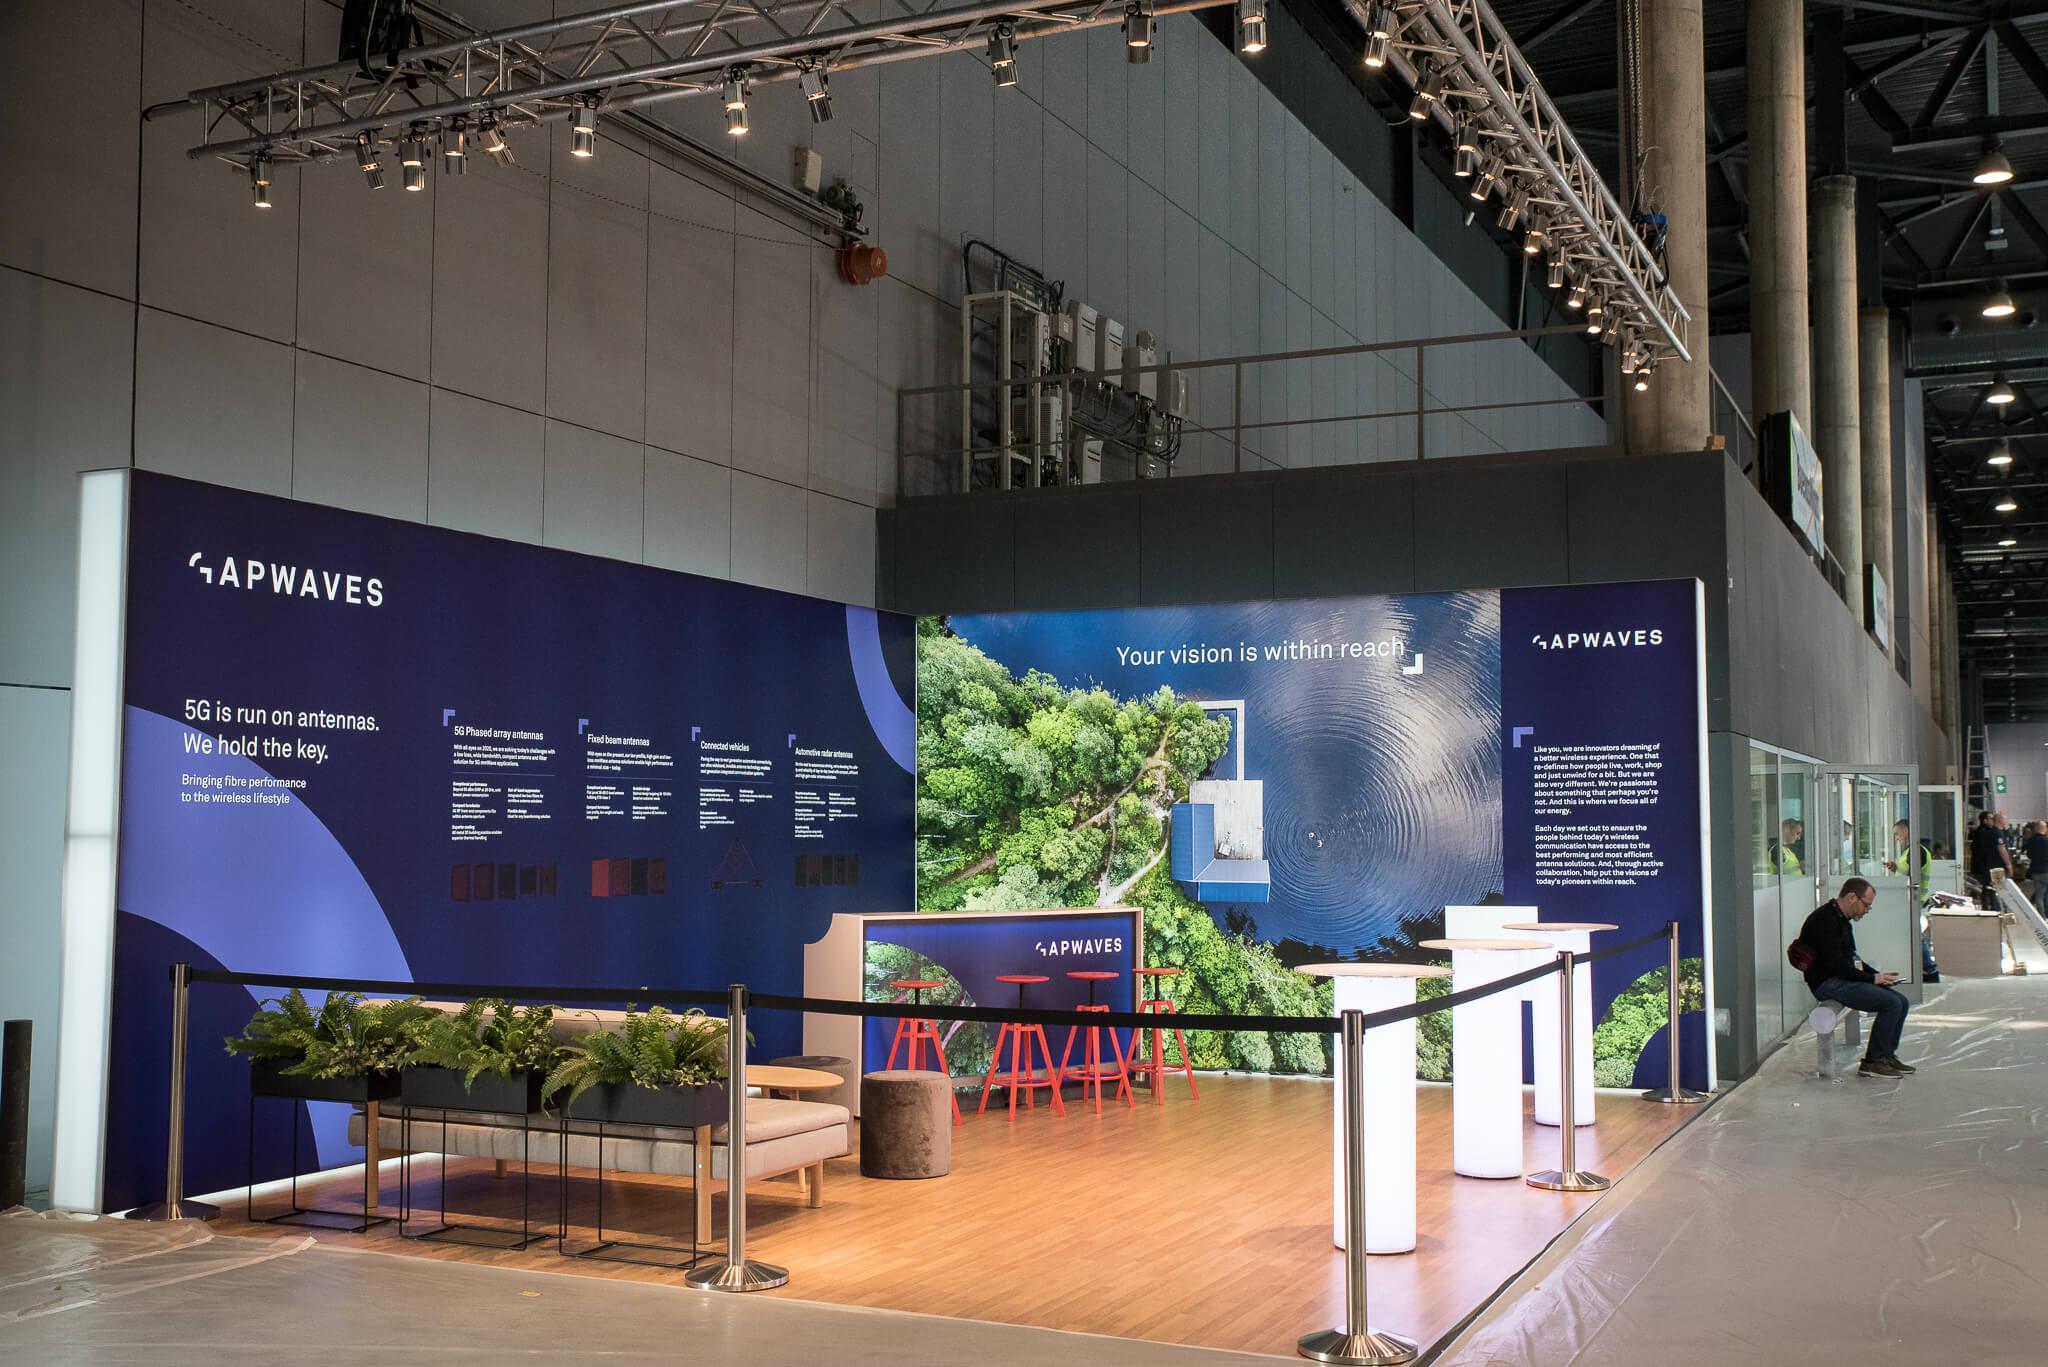 Hyr Avspärrningsstolpar Front Row Exhibitions Gapwaves Monter MWC 2019 Barcelona